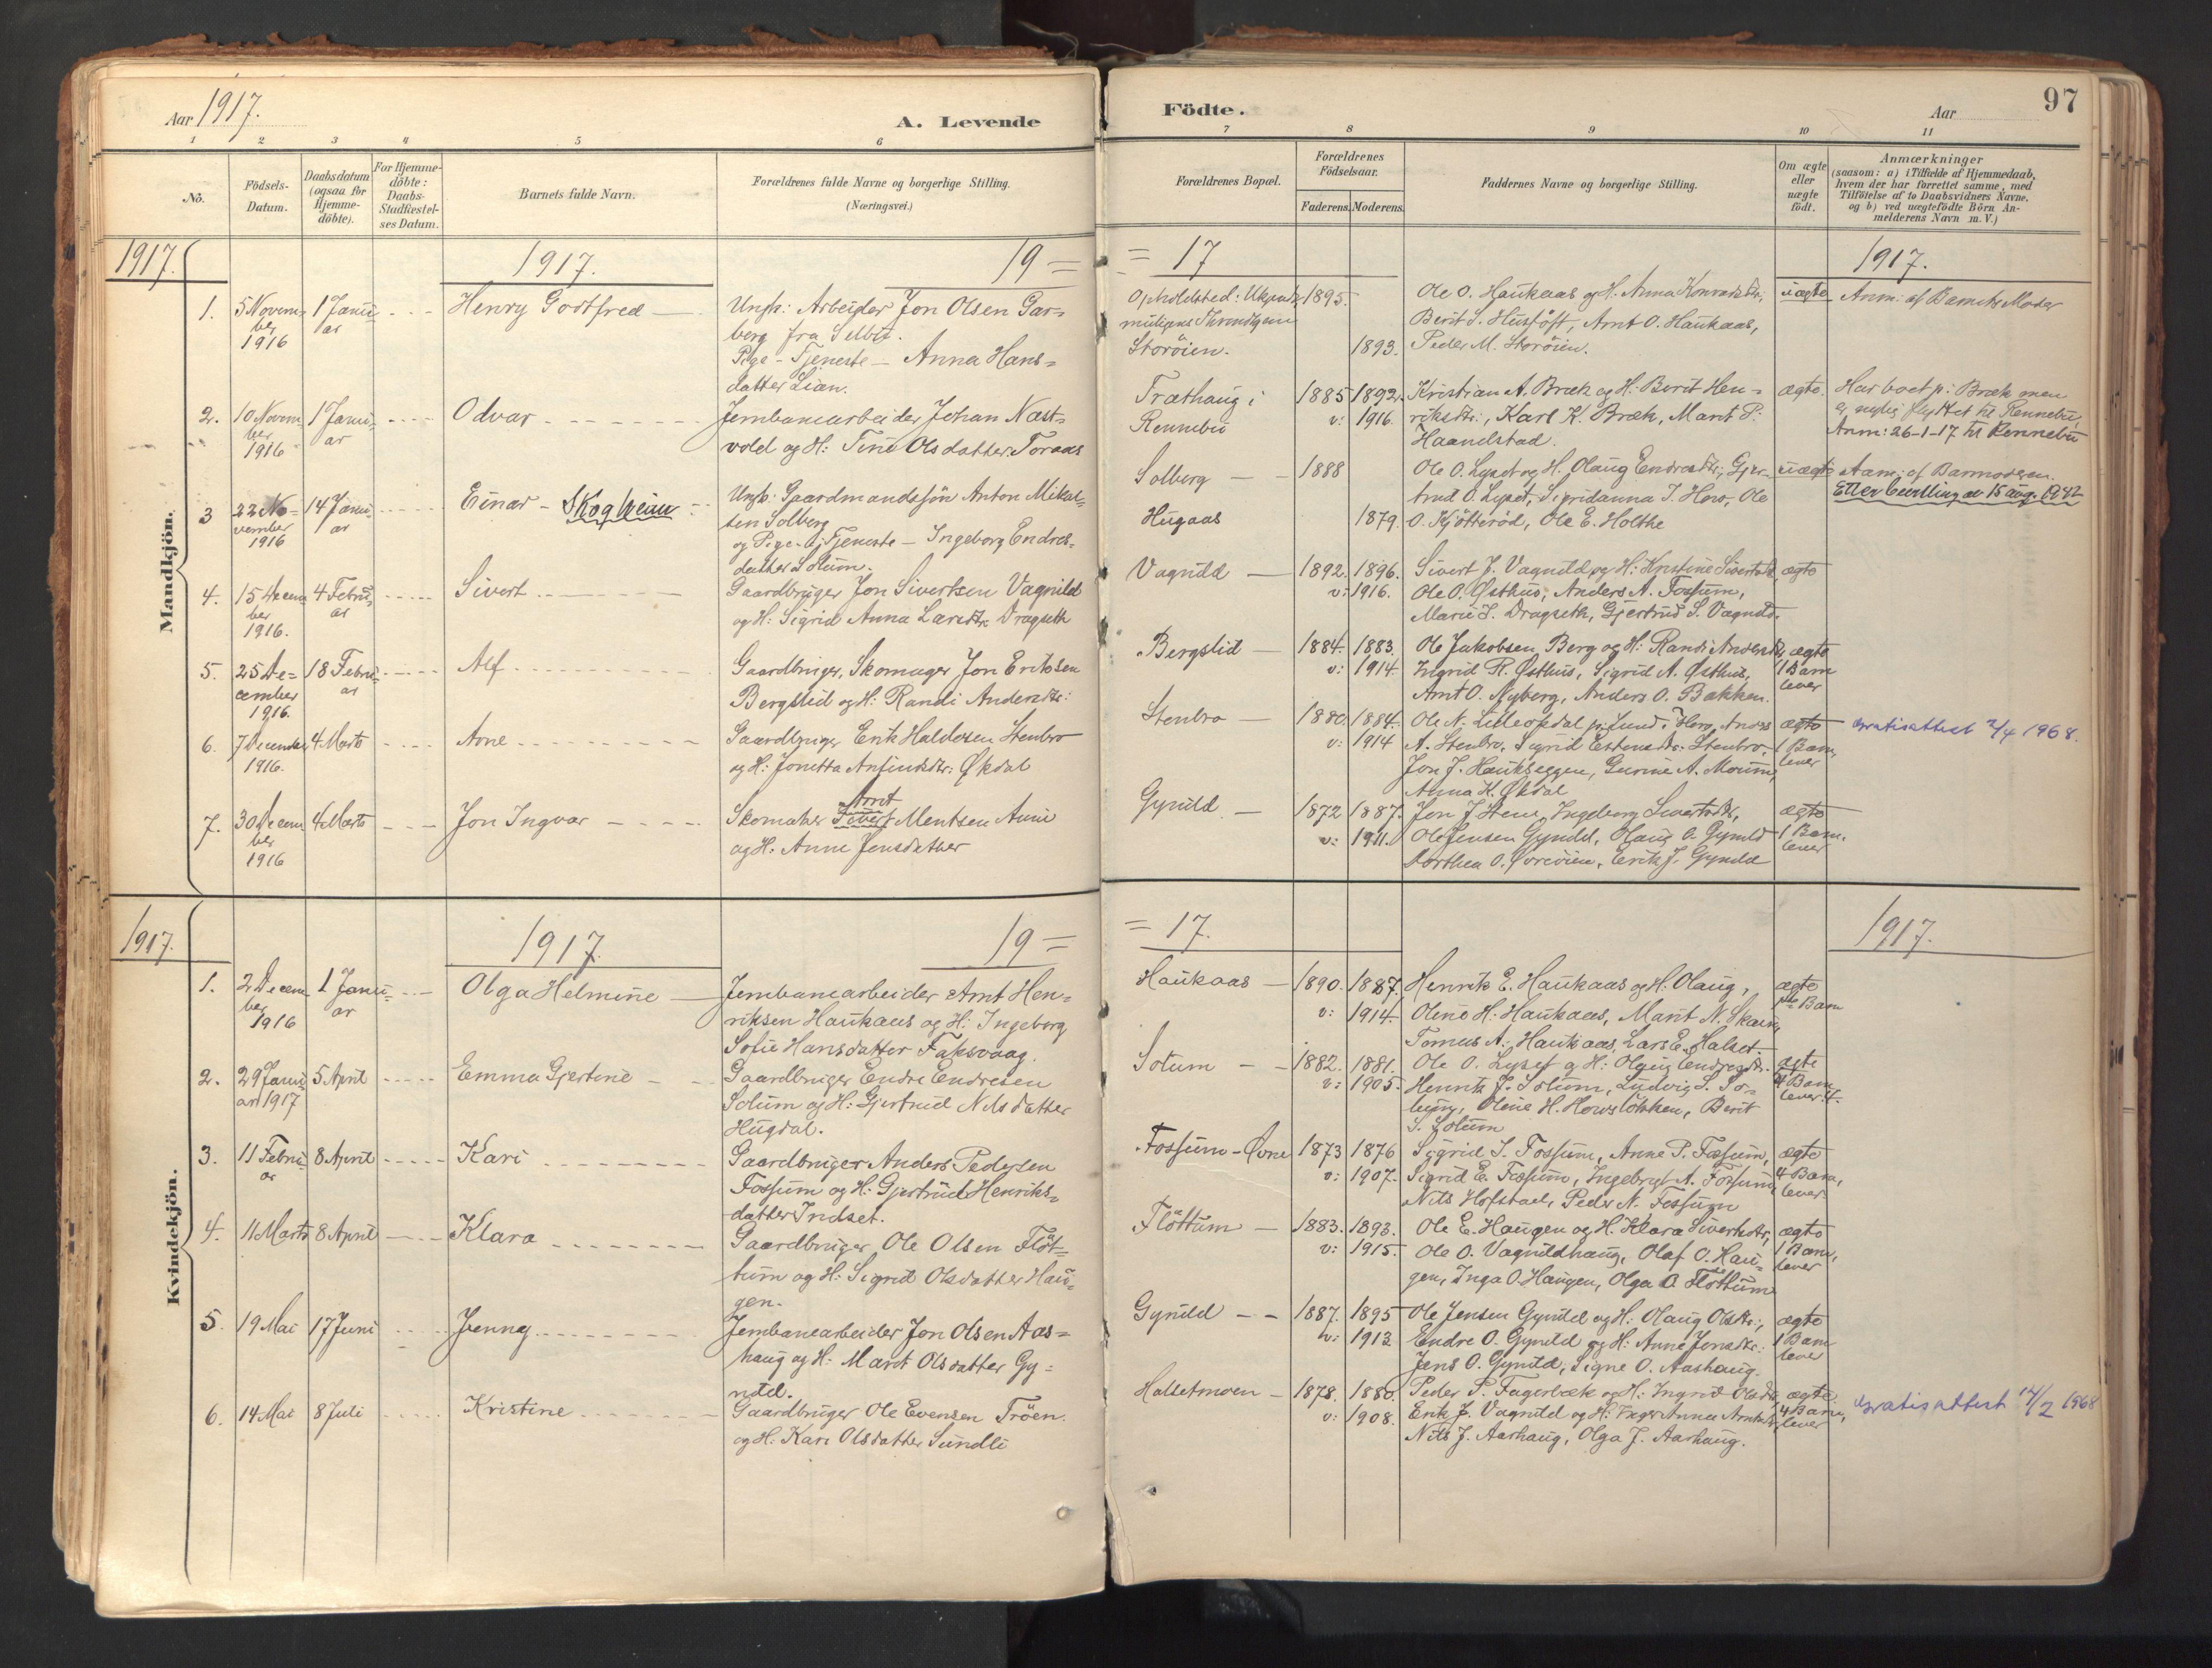 SAT, Ministerialprotokoller, klokkerbøker og fødselsregistre - Sør-Trøndelag, 689/L1041: Ministerialbok nr. 689A06, 1891-1923, s. 97